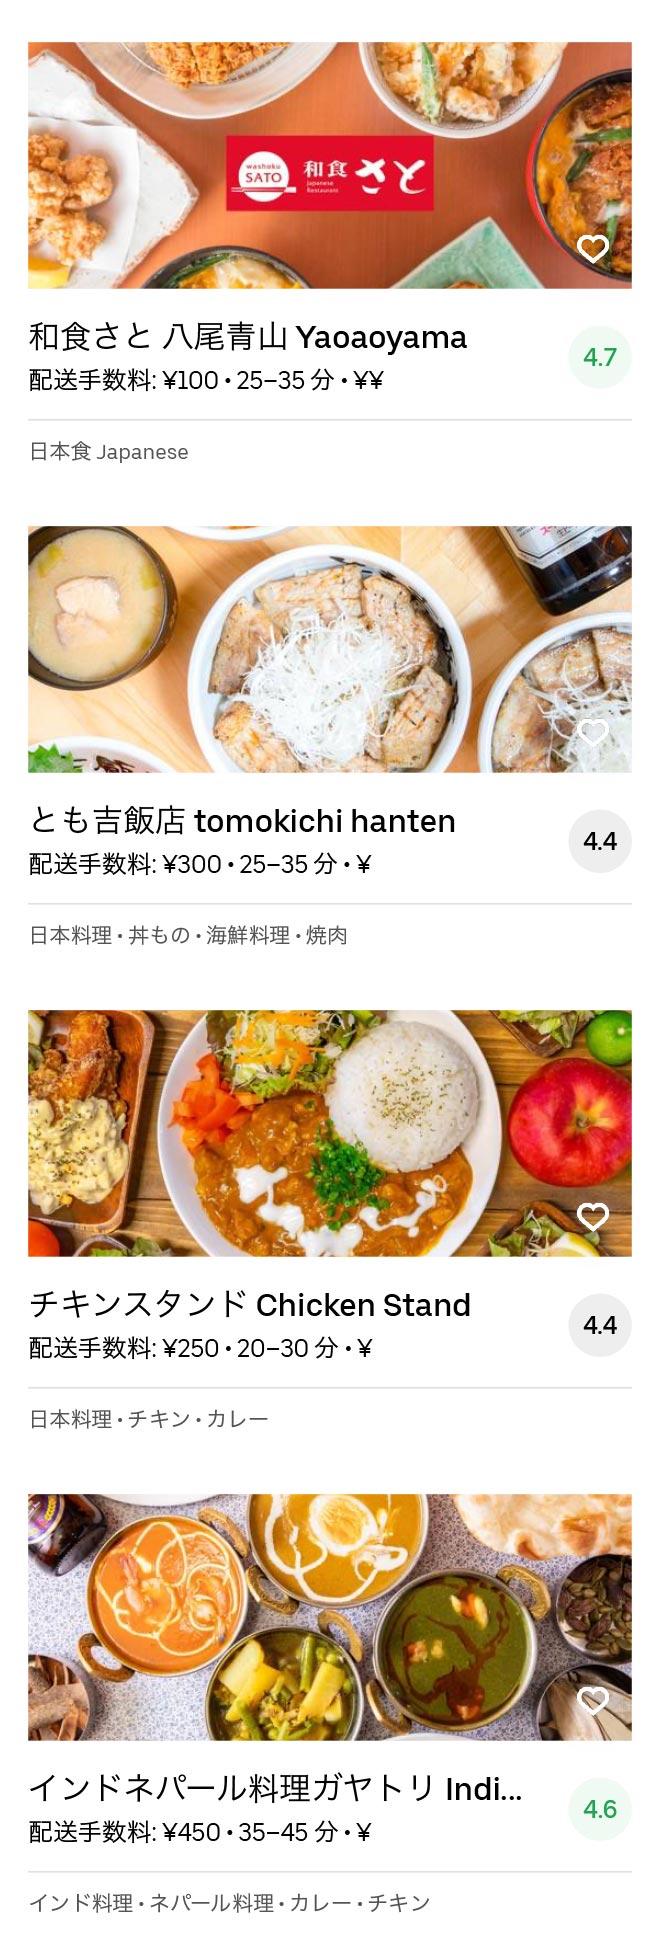 Osaka yao menu 2005 09